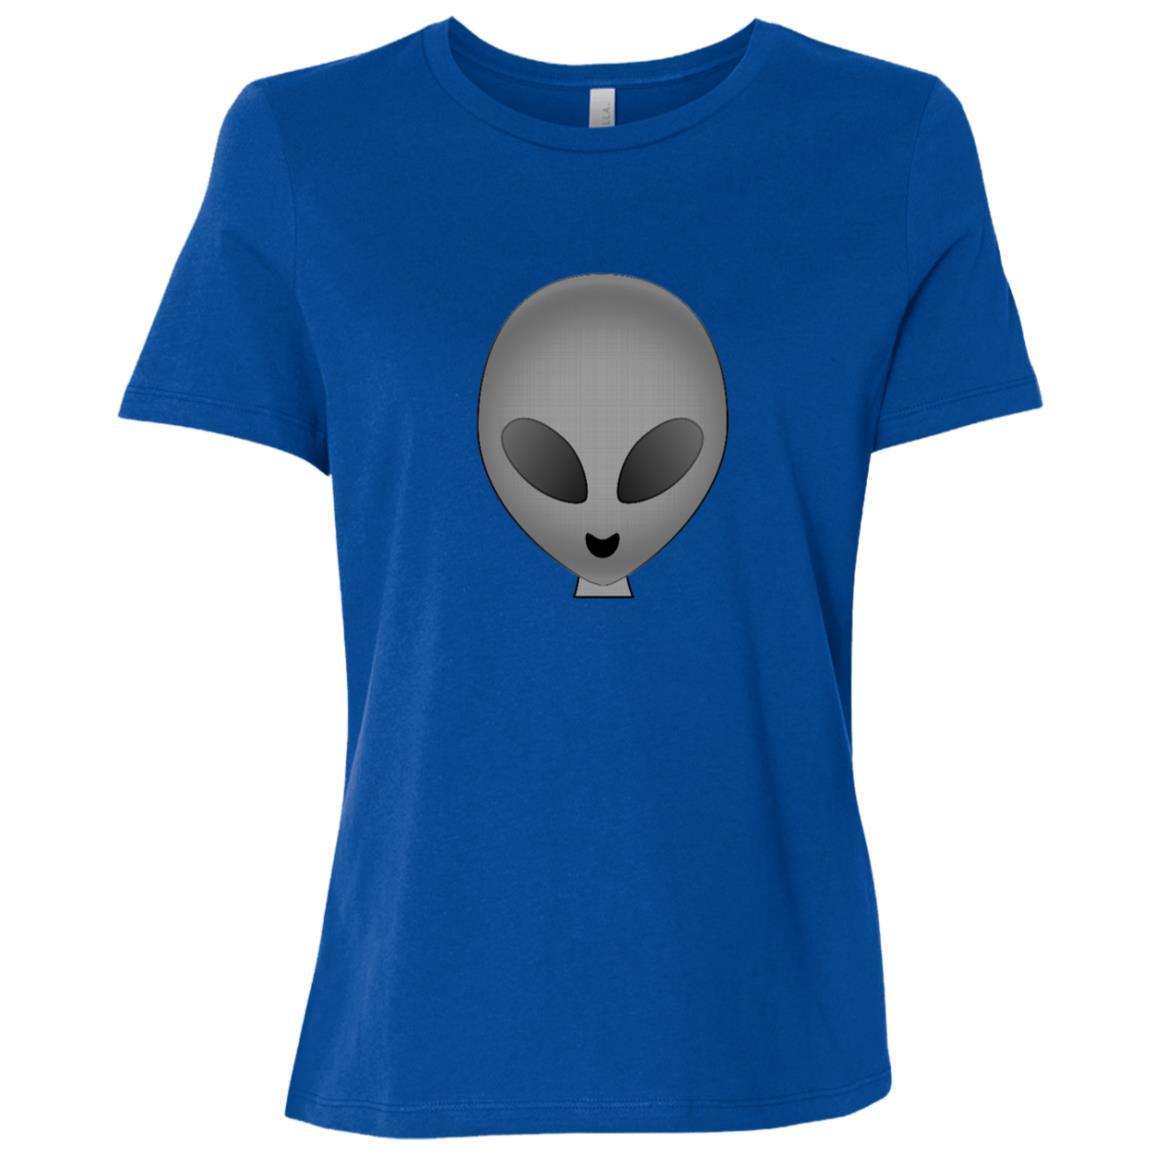 Alien Head Women Short Sleeve T-Shirt